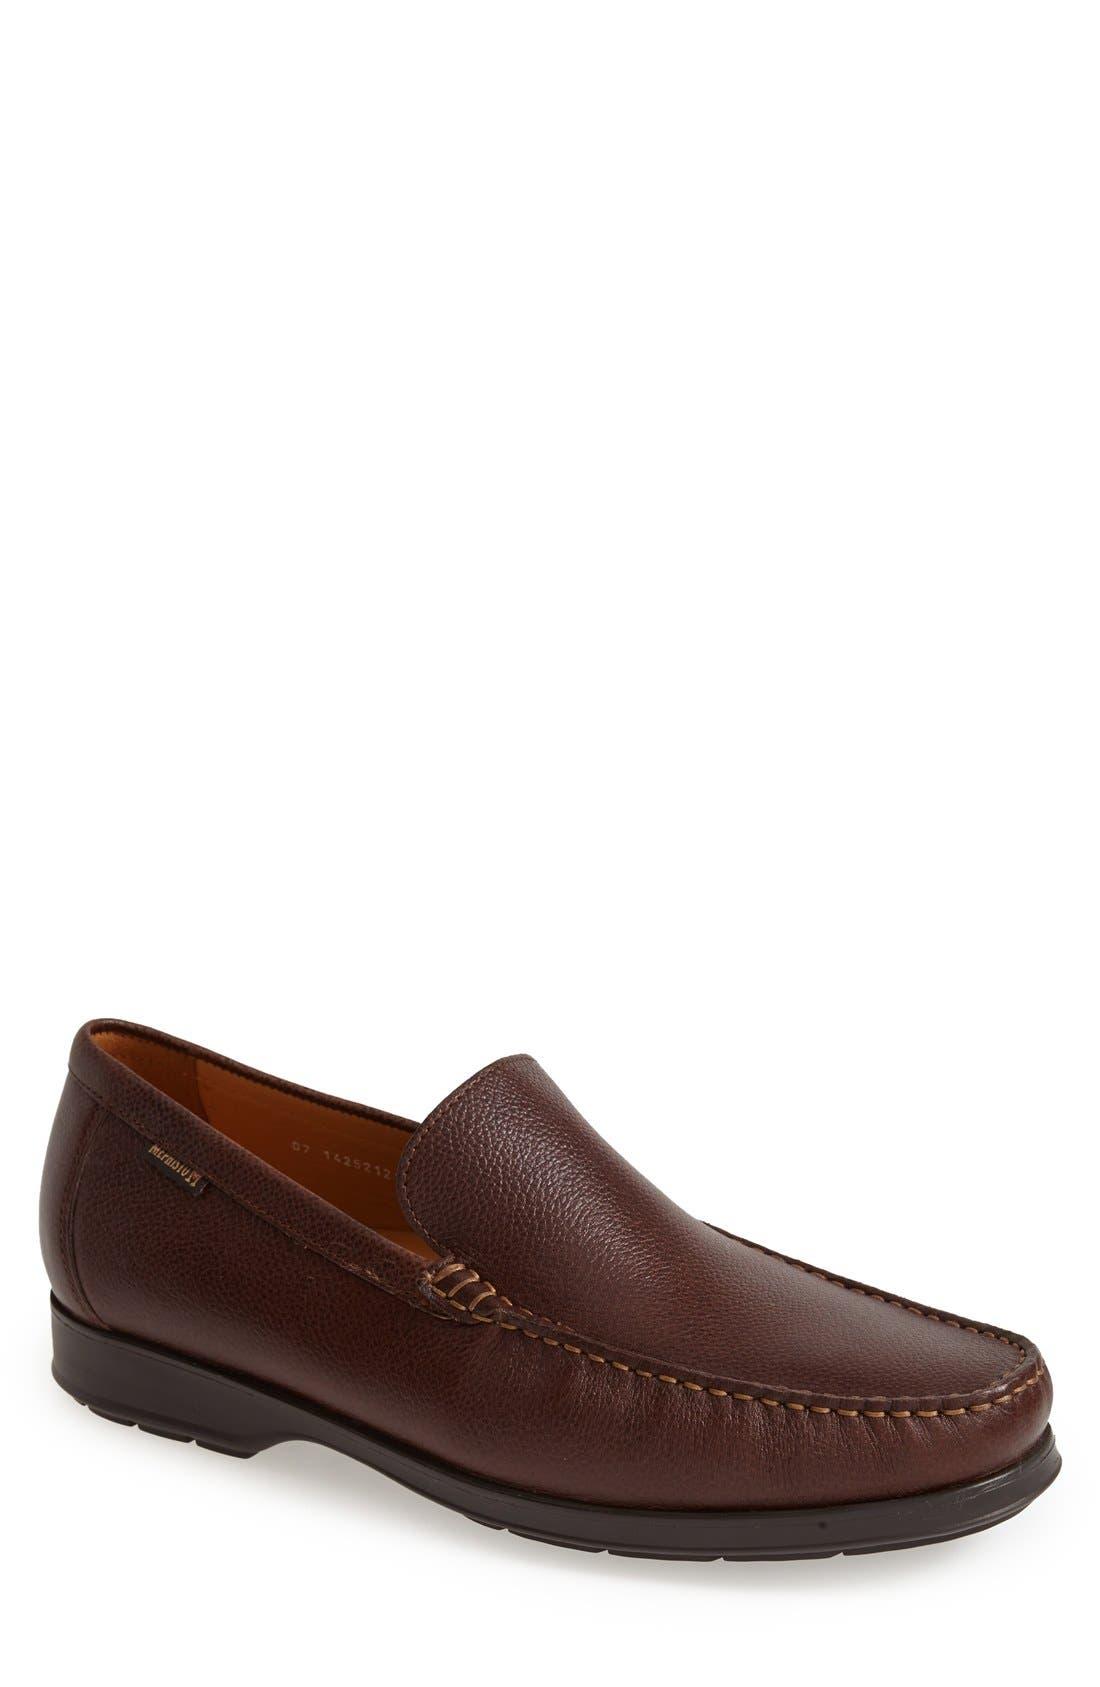 'Henri' Loafer,                         Main,                         color, Chestnut Leather